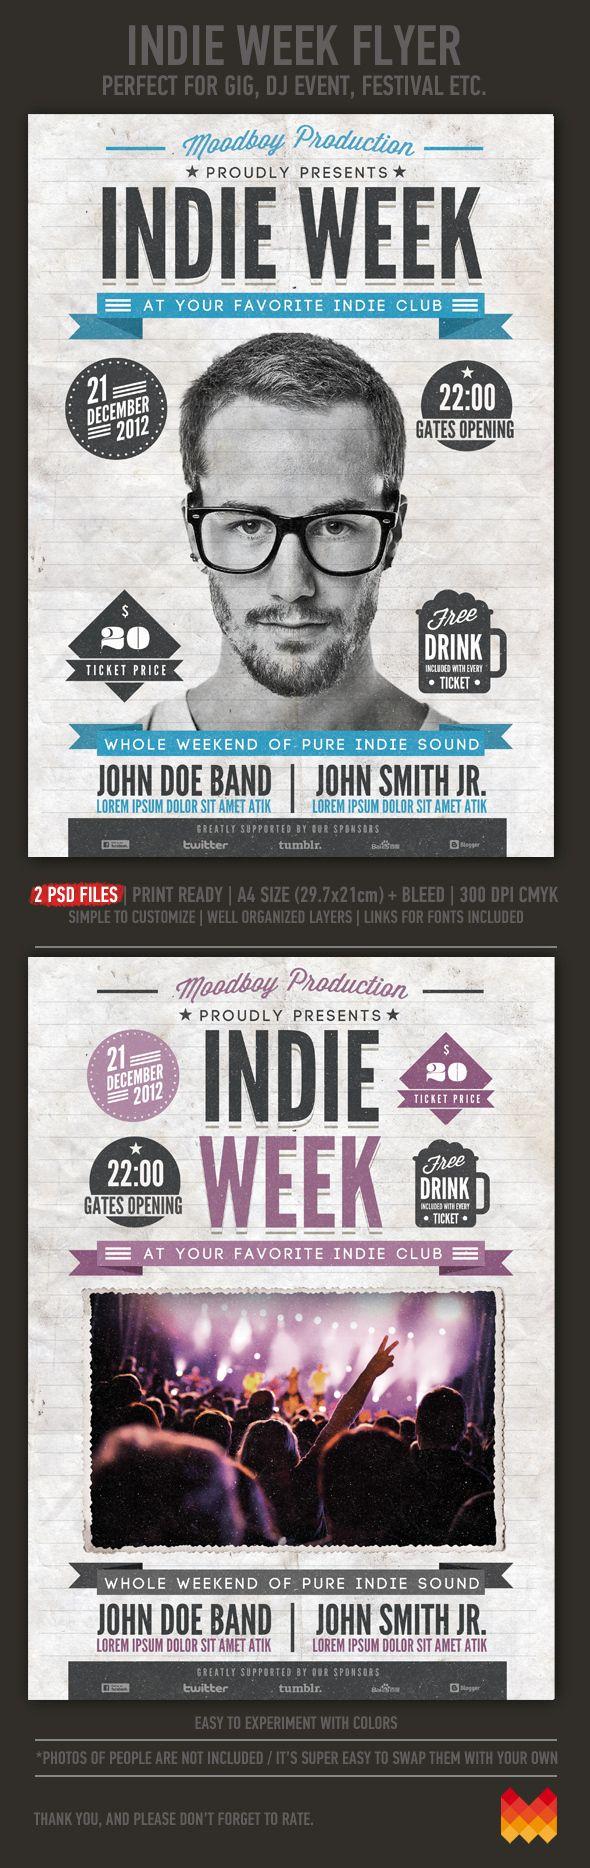 Indie Week #Poster by moodboy , via #Behance #Design